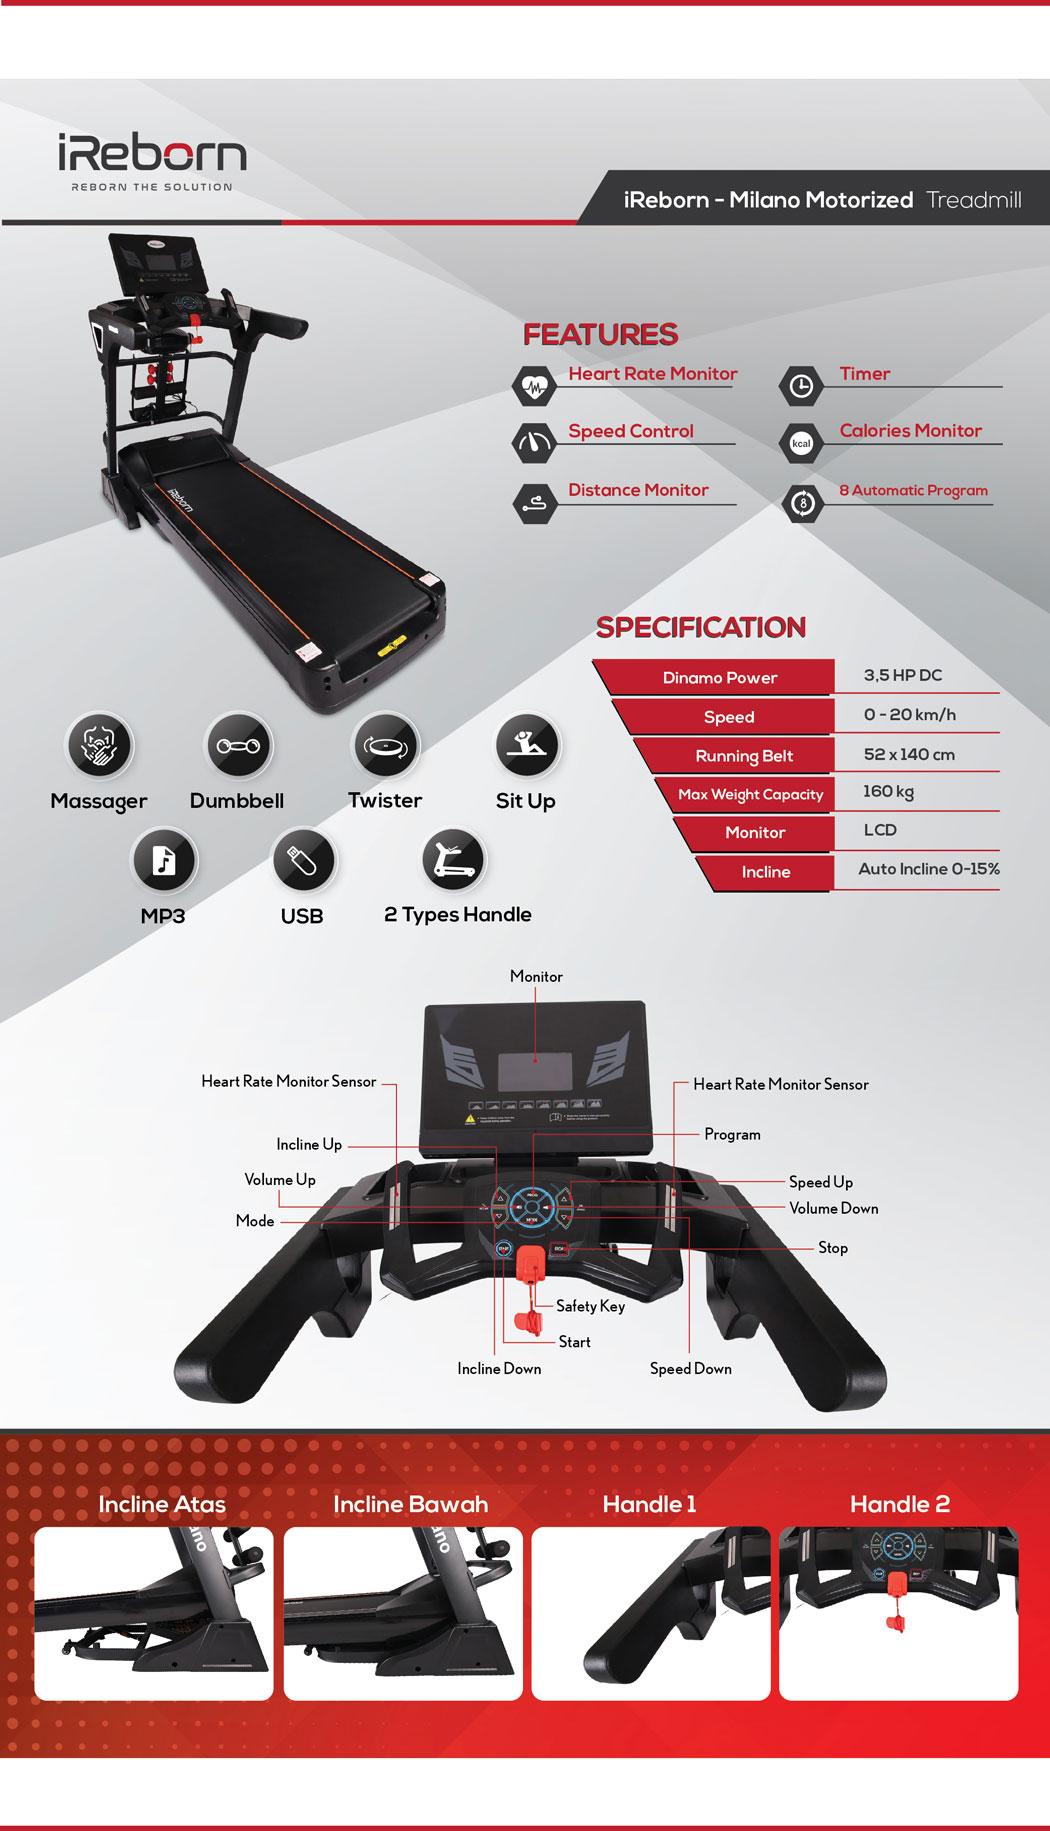 Milano Motorized Treadmill 24